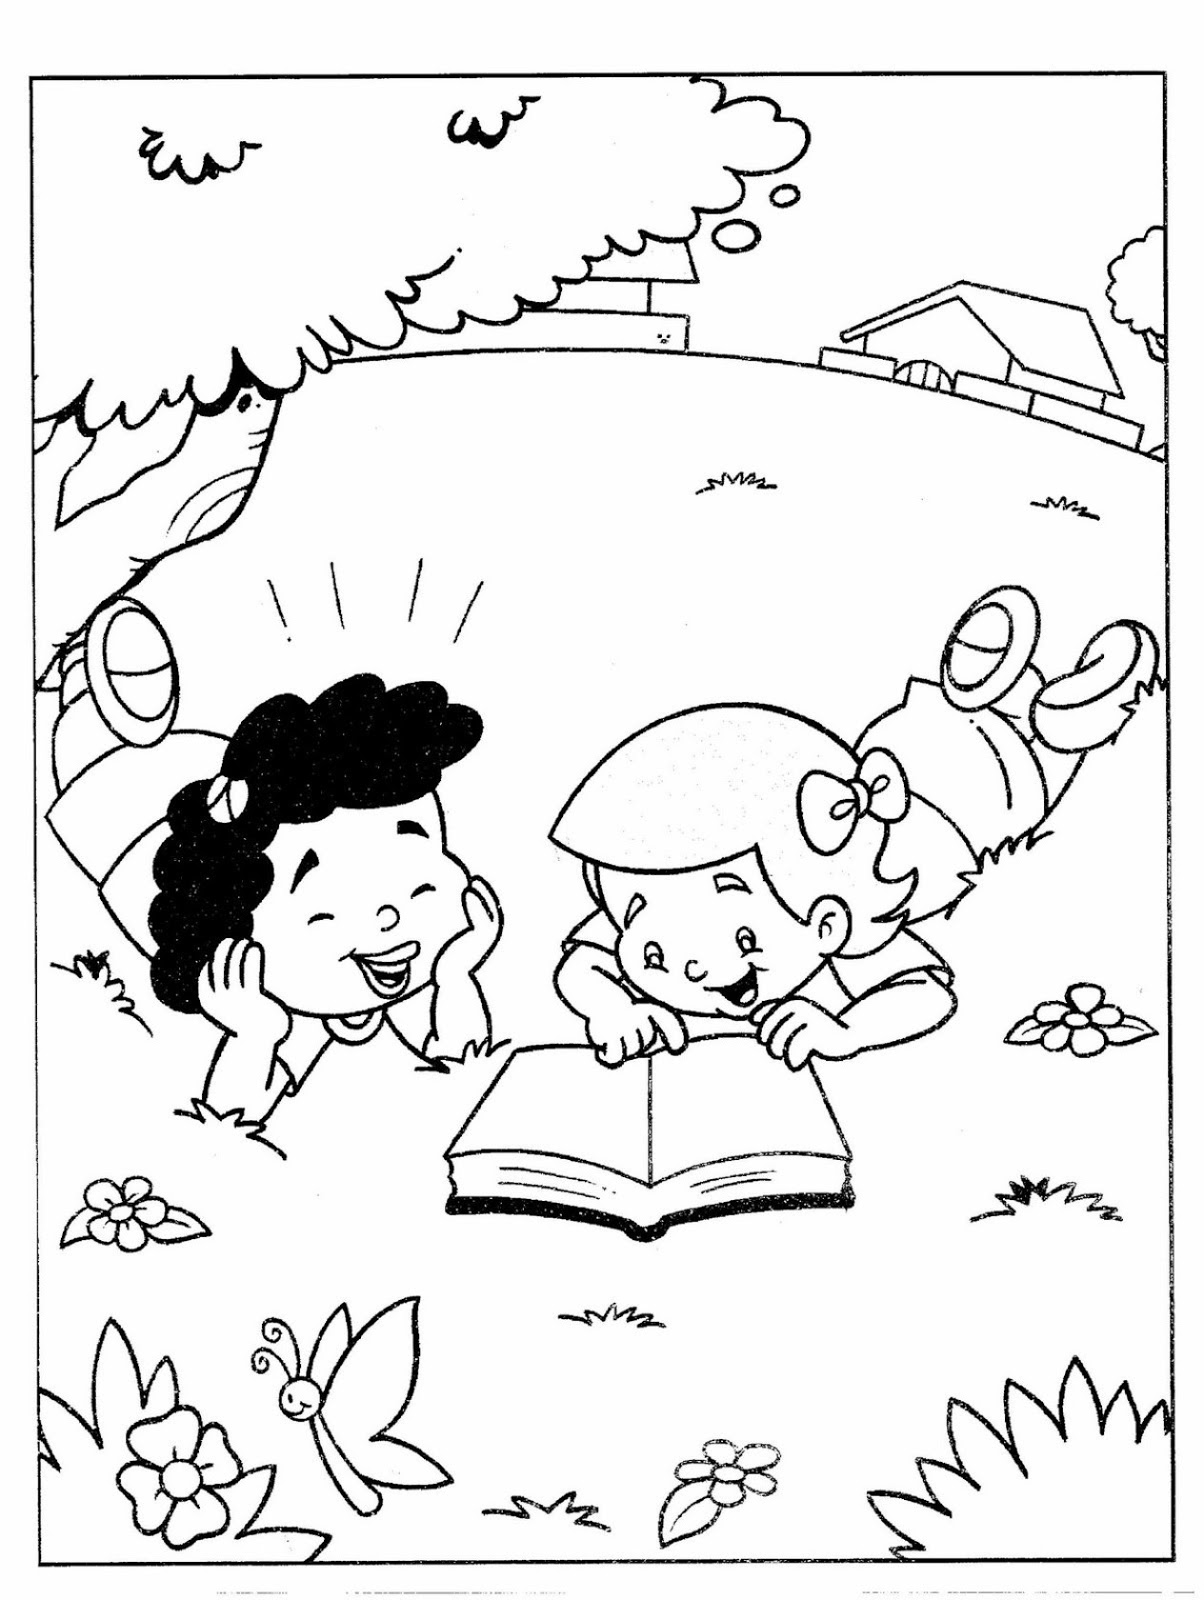 christian missionary coloring pages | Niñas leyendo la biblia para colorear ~ Dibujos Cristianos ...